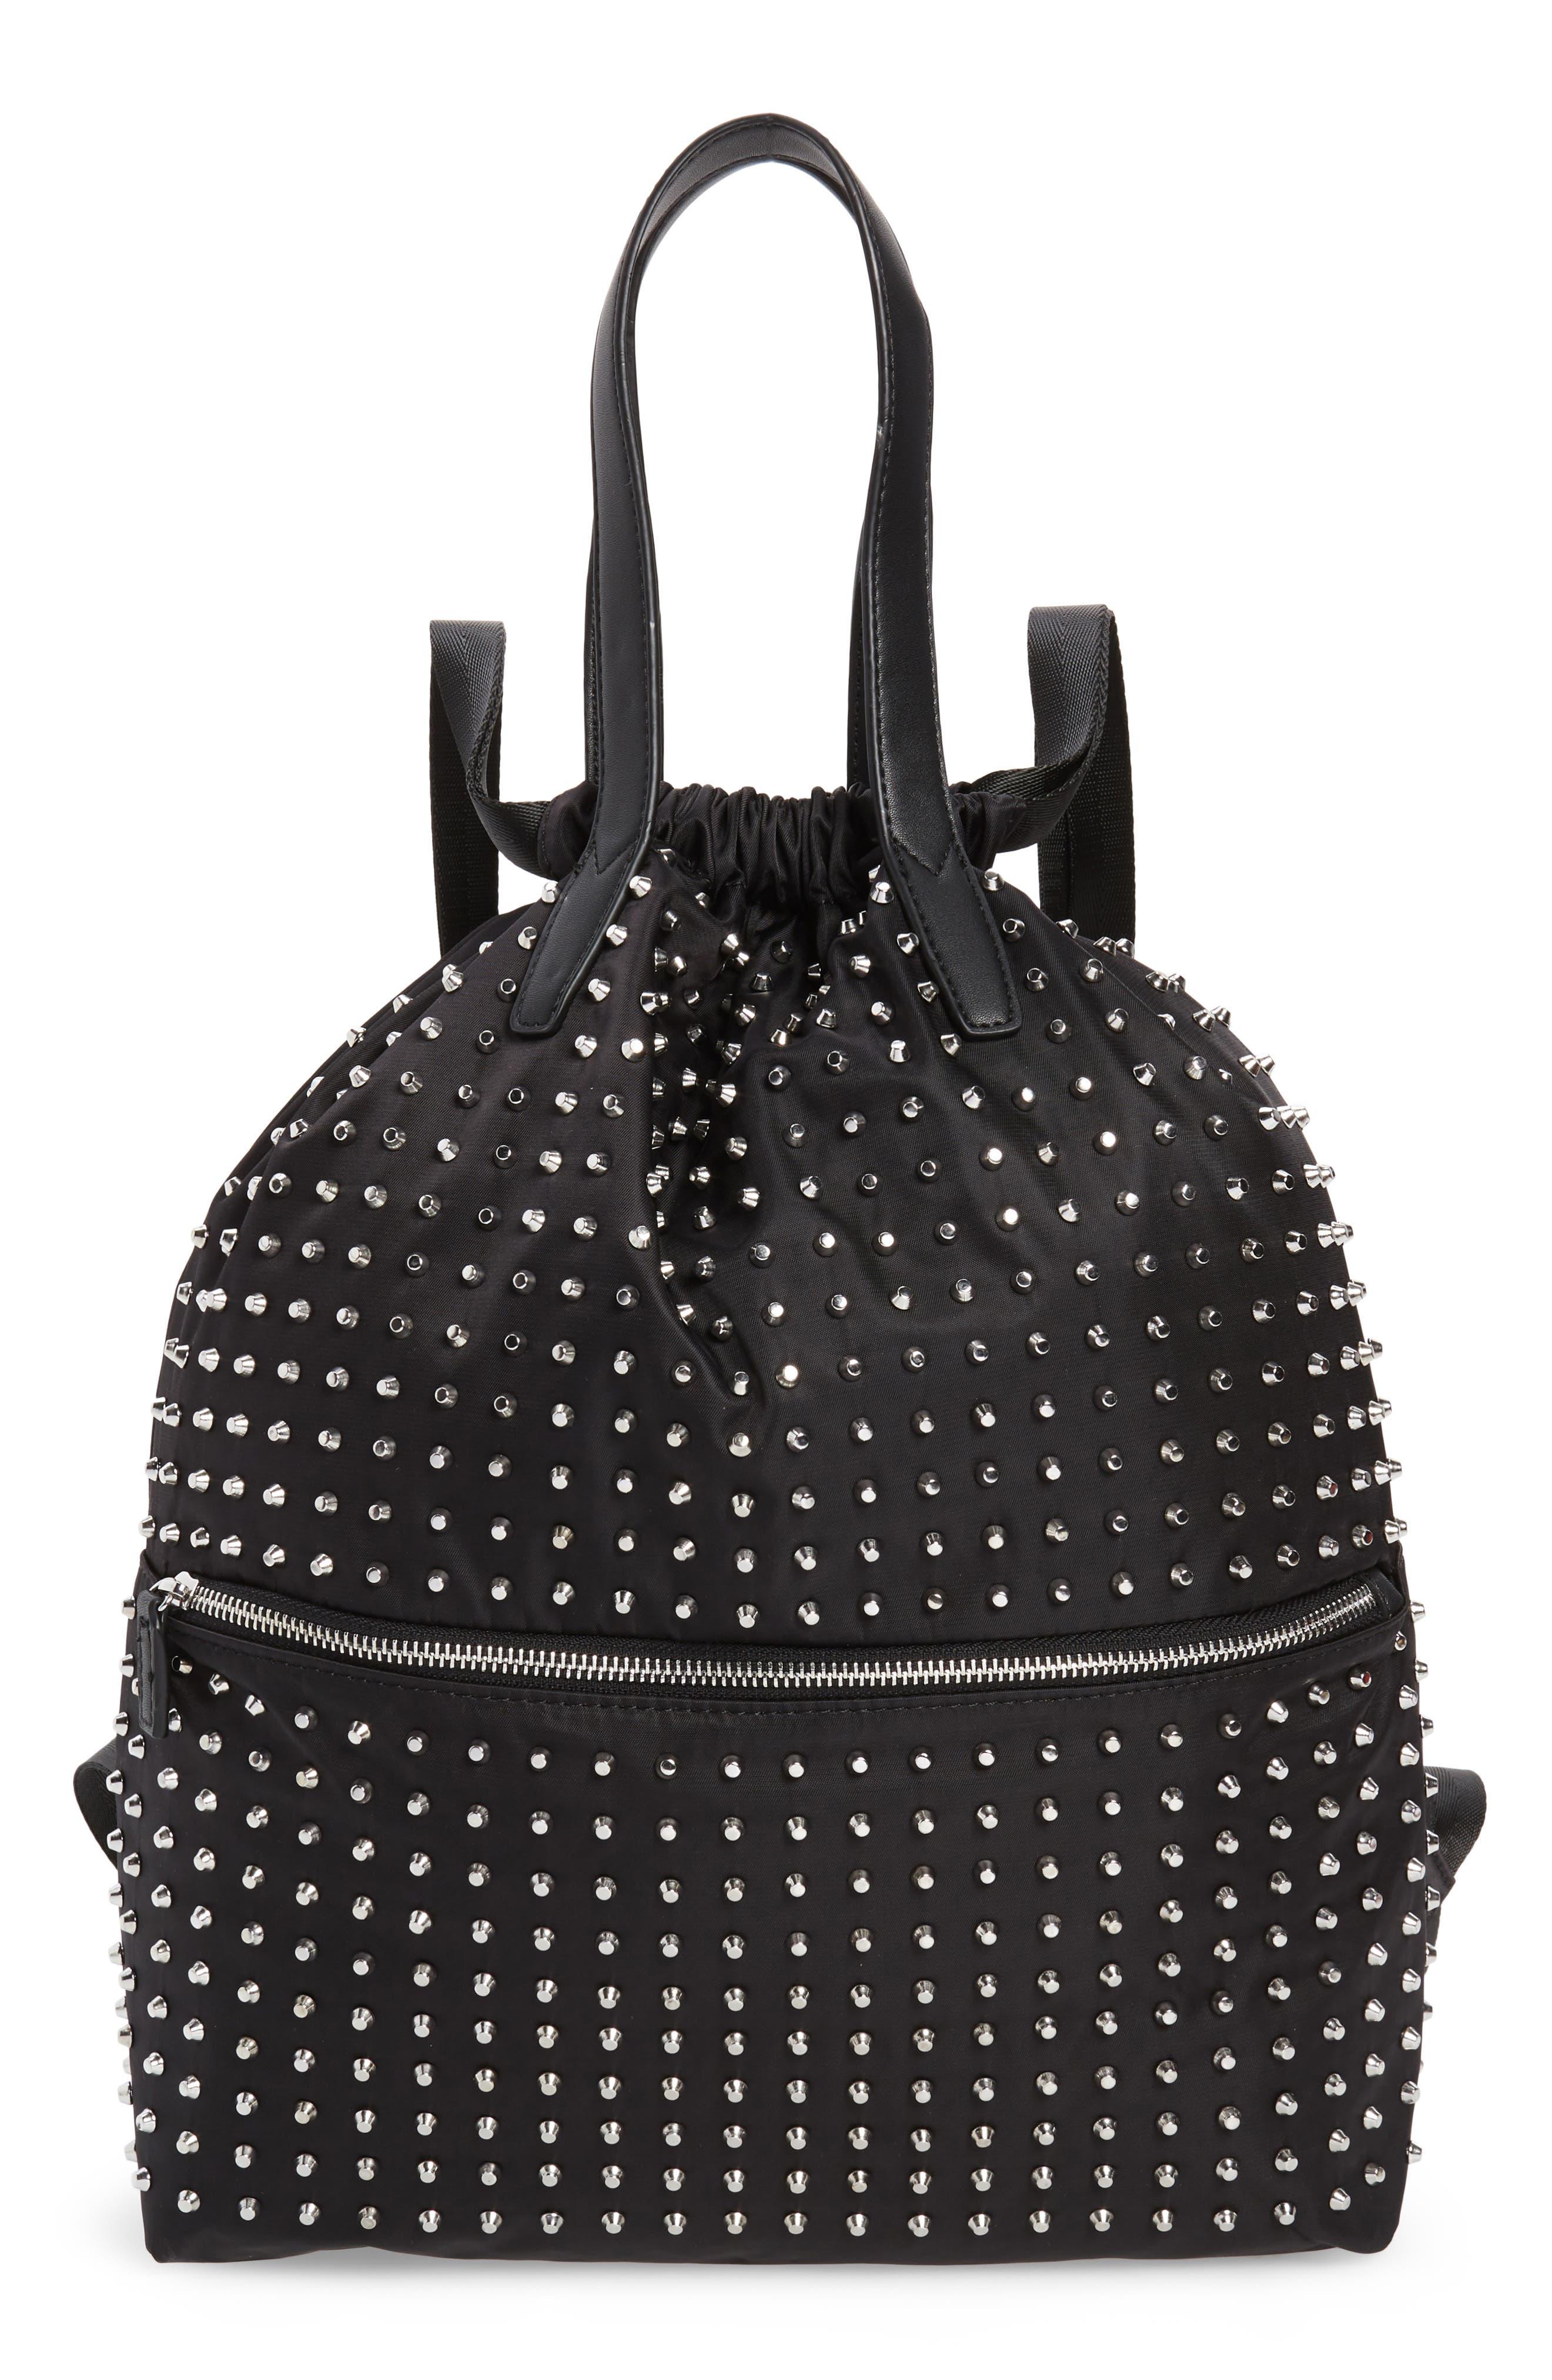 Topshop Tokyo Studded Backpack - Black